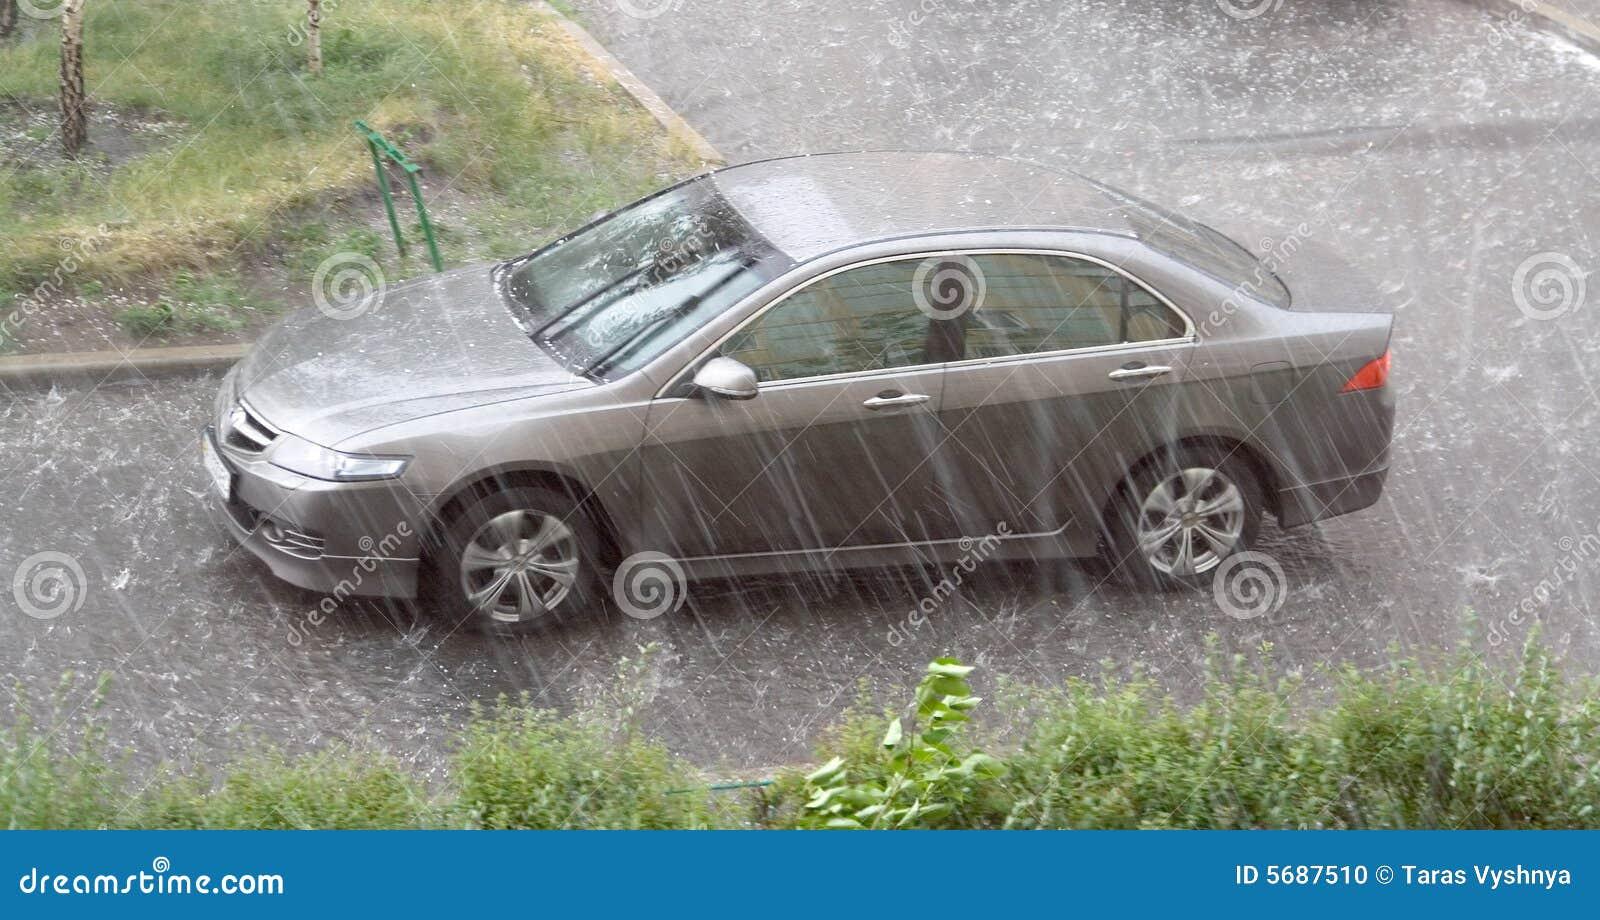 Car Rain hail